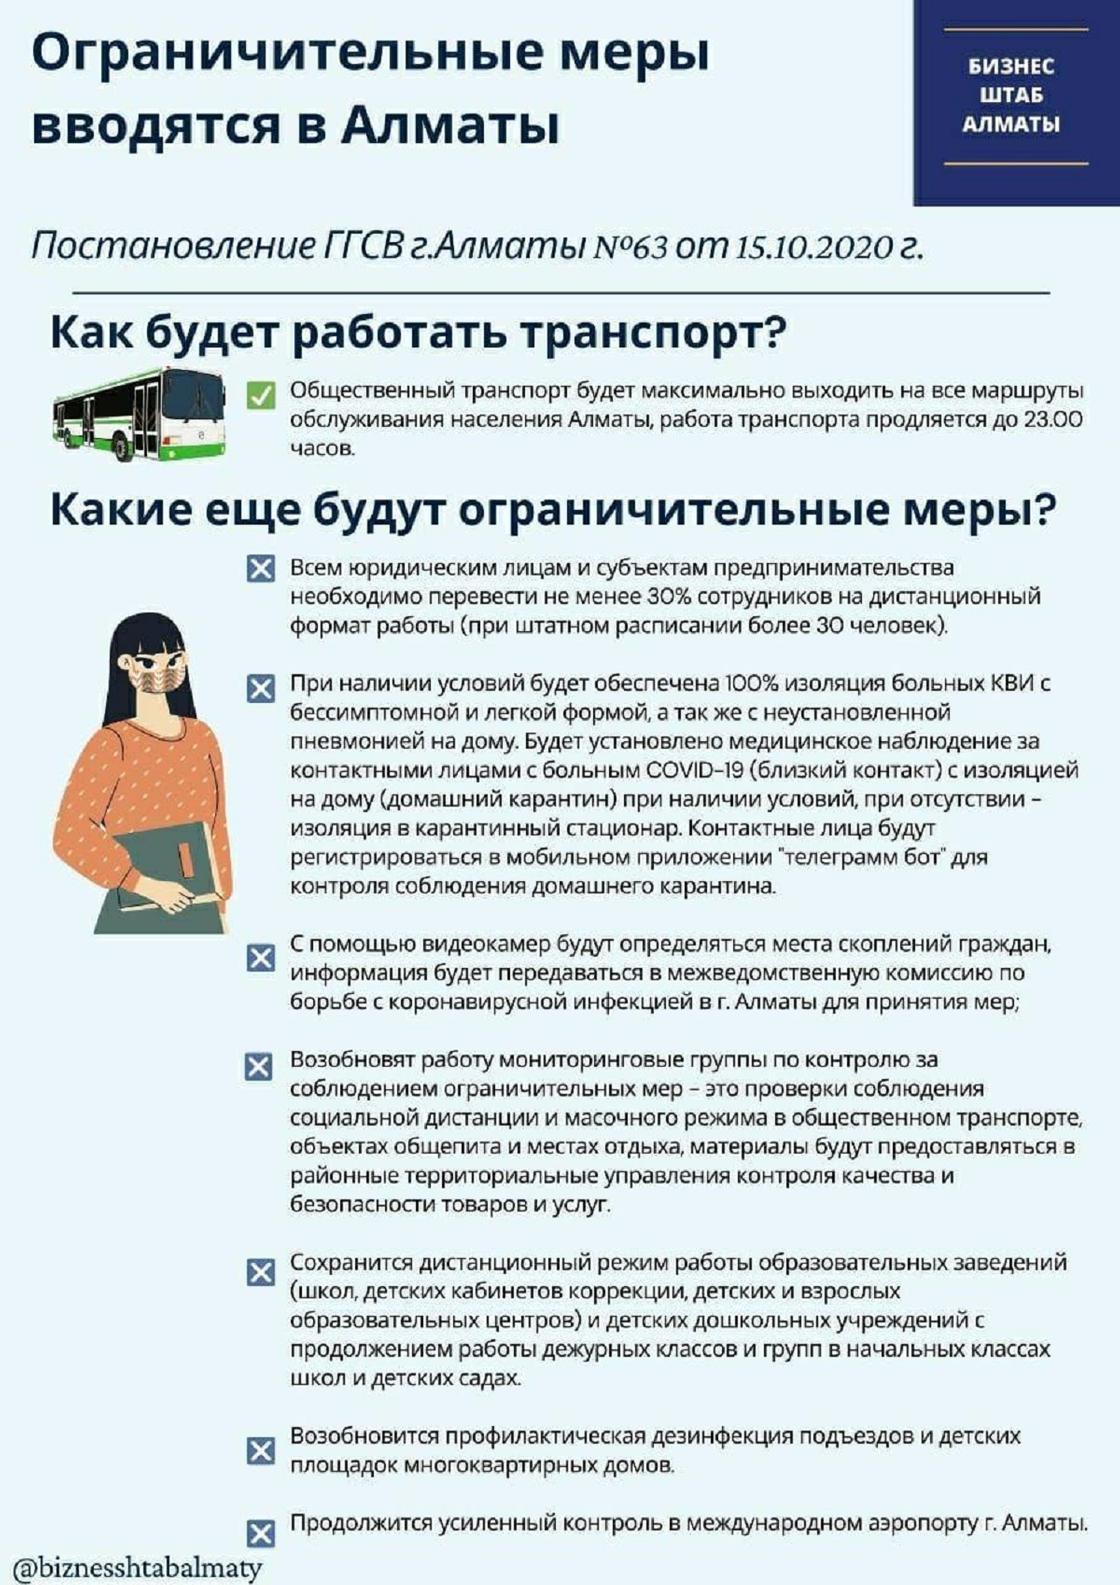 Ограничительные меры в Алматы